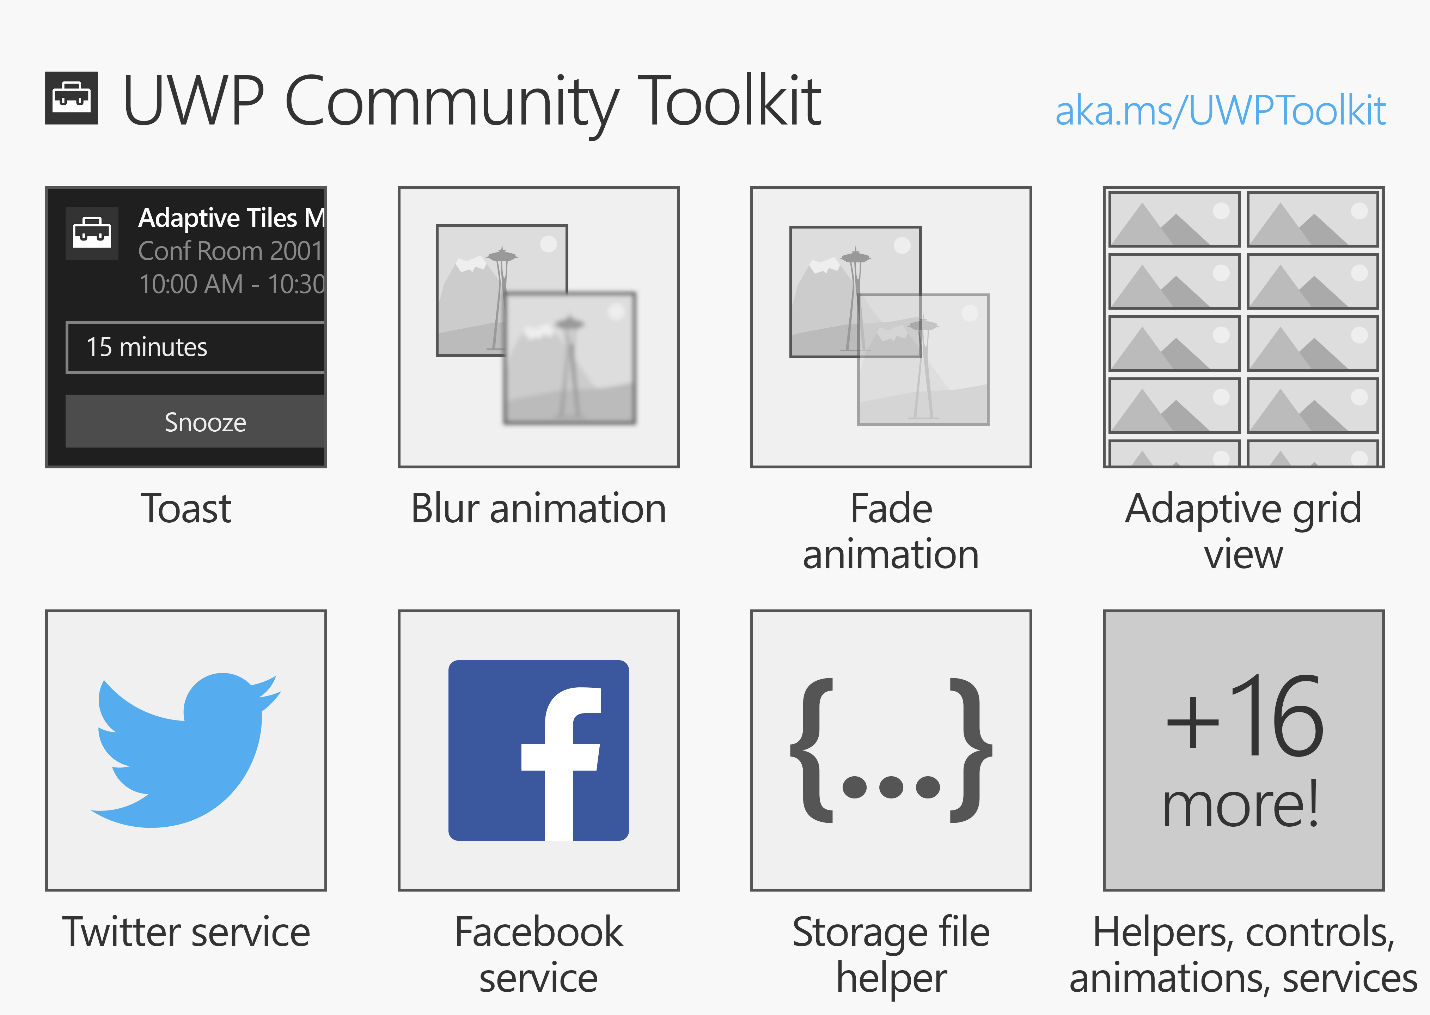 uwp toolkit